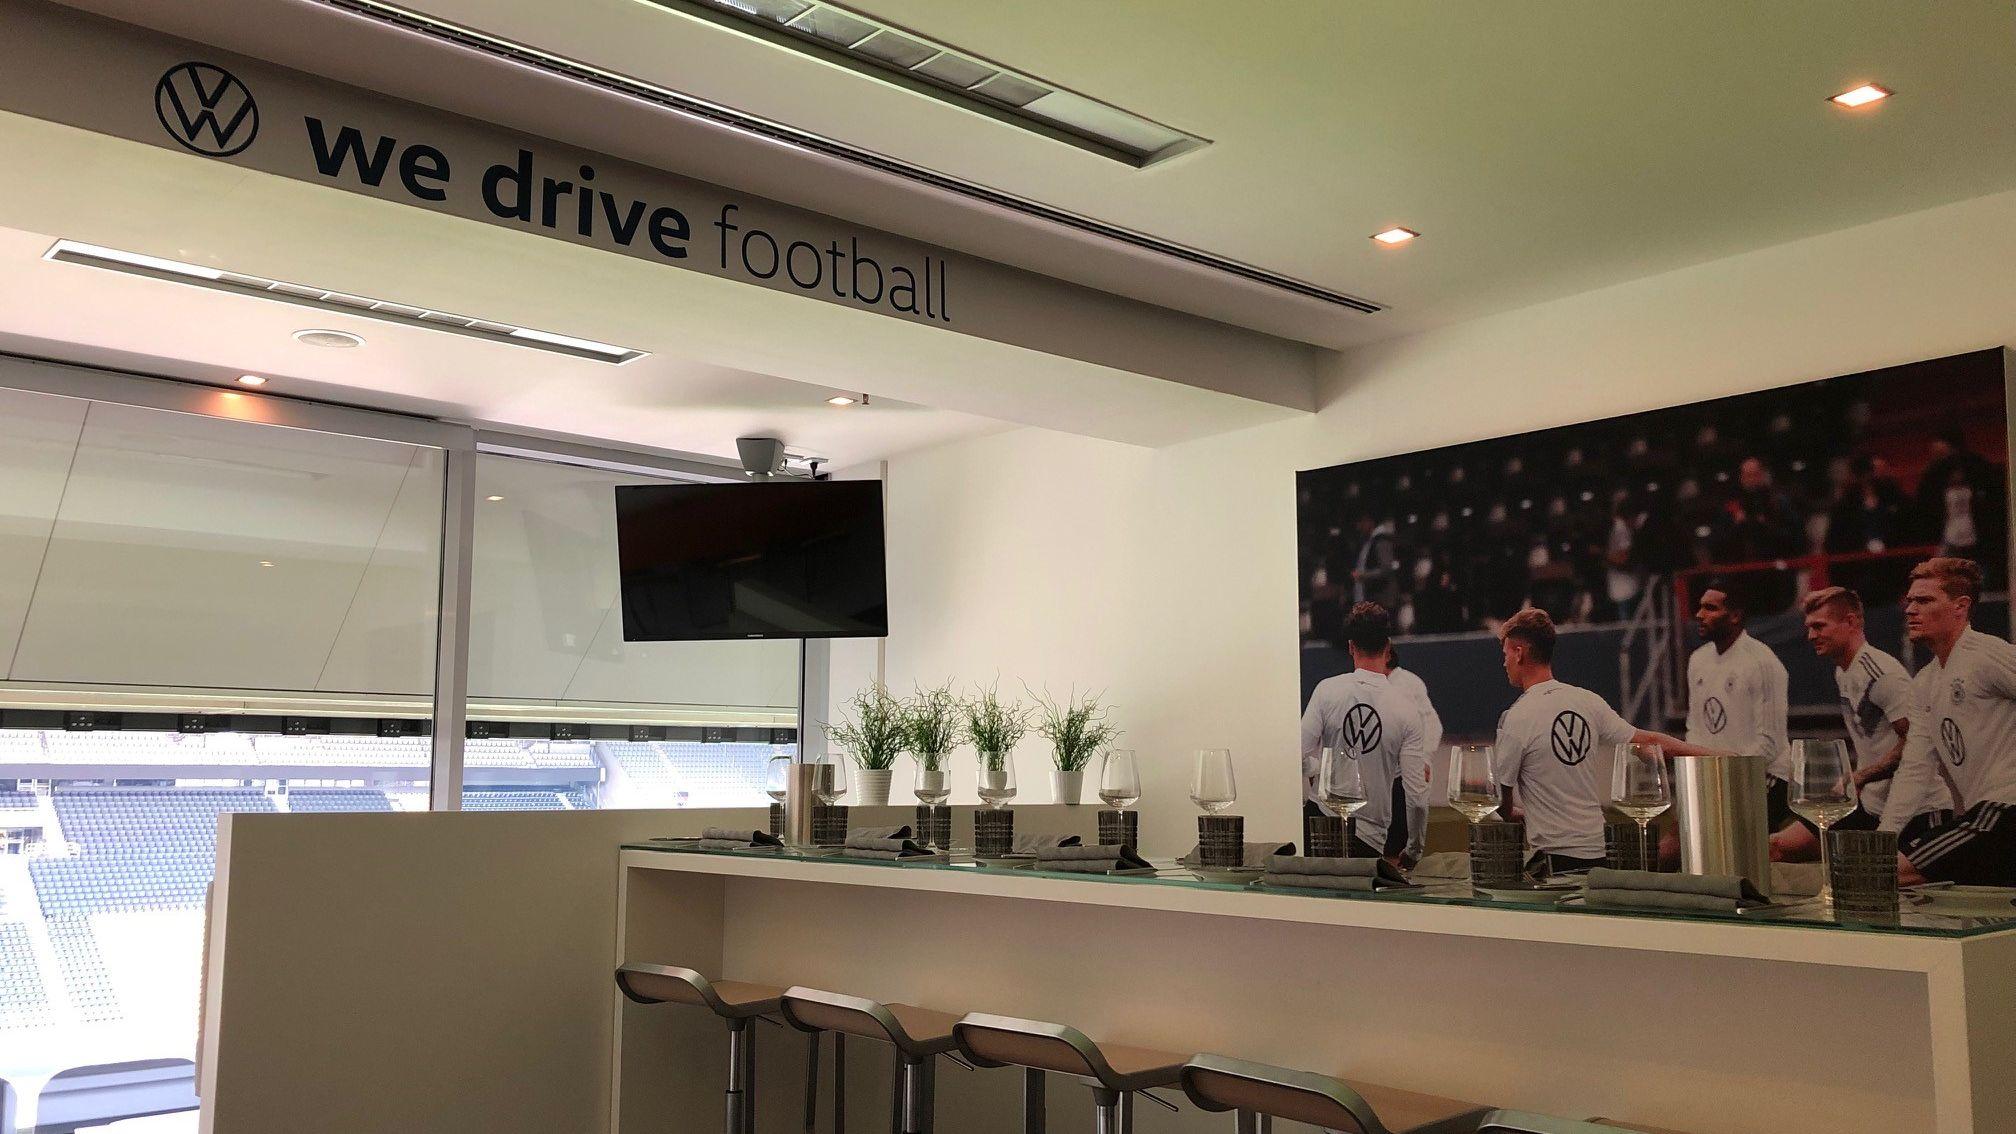 Fußball-Etat: Lagardère Plus kommt groß mit VW ins Geschäft